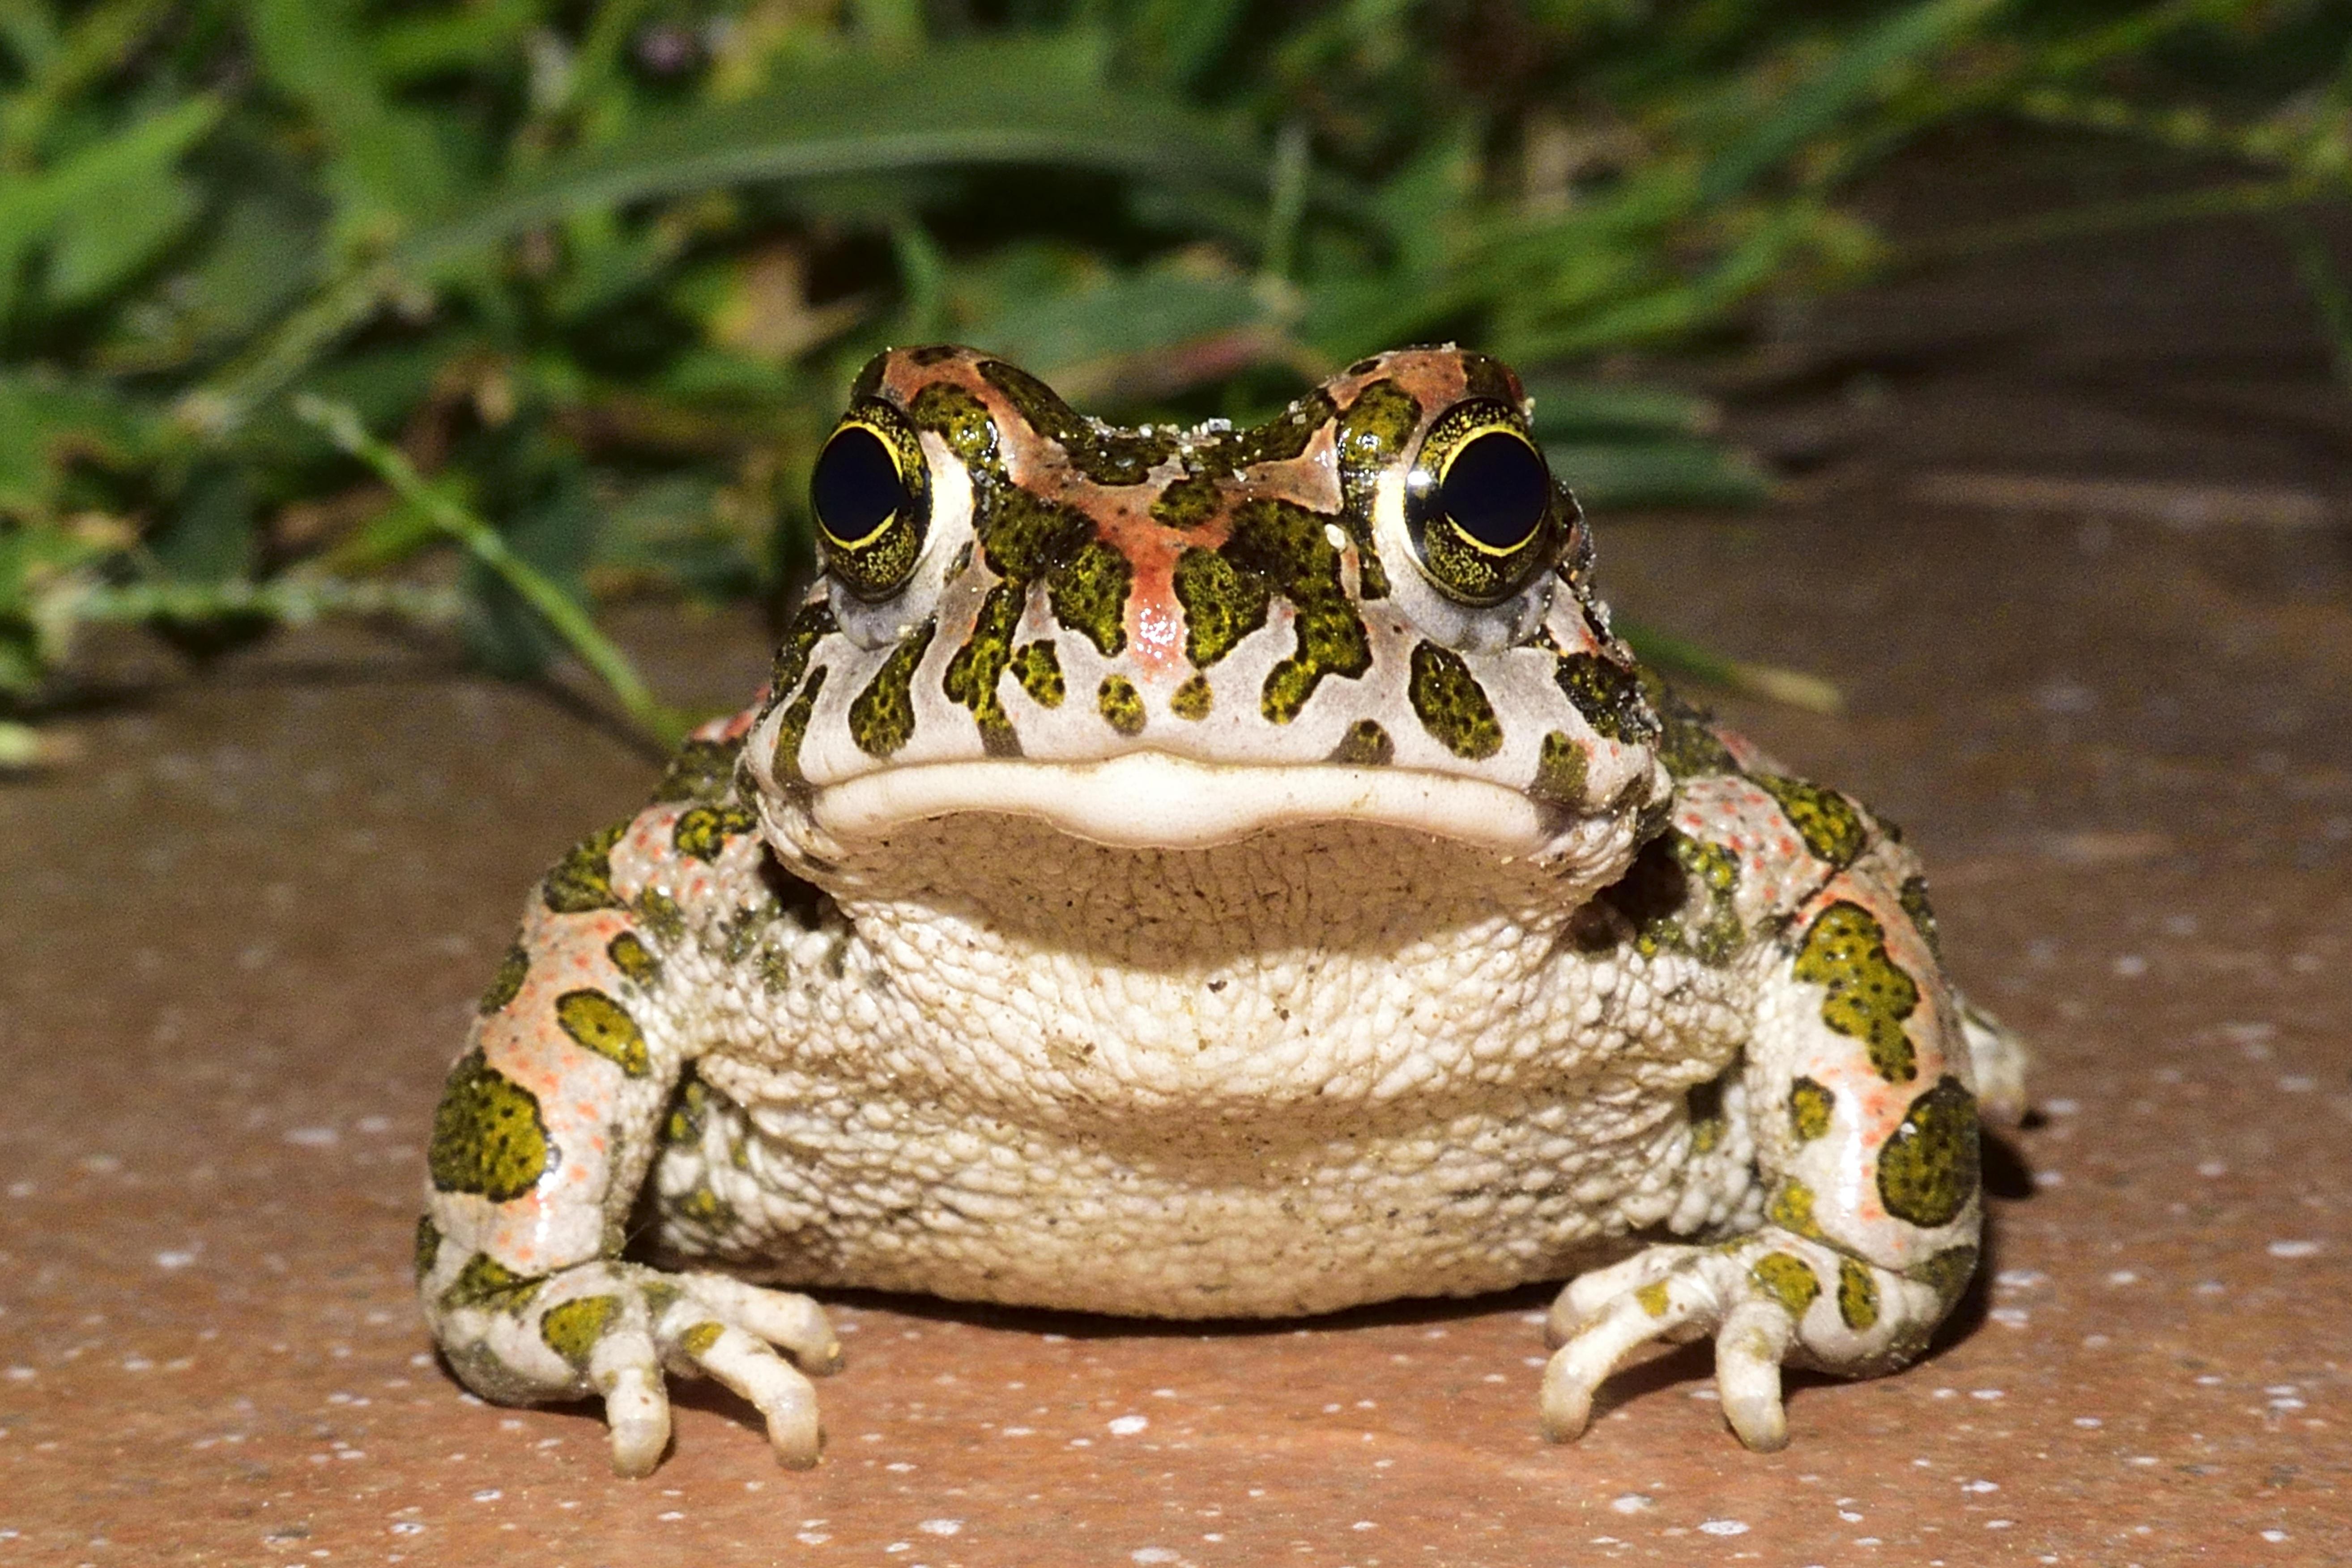 Kostenlose foto : Natur, Gras, Tier, Tierwelt, Grün, Makro, Frosch ...